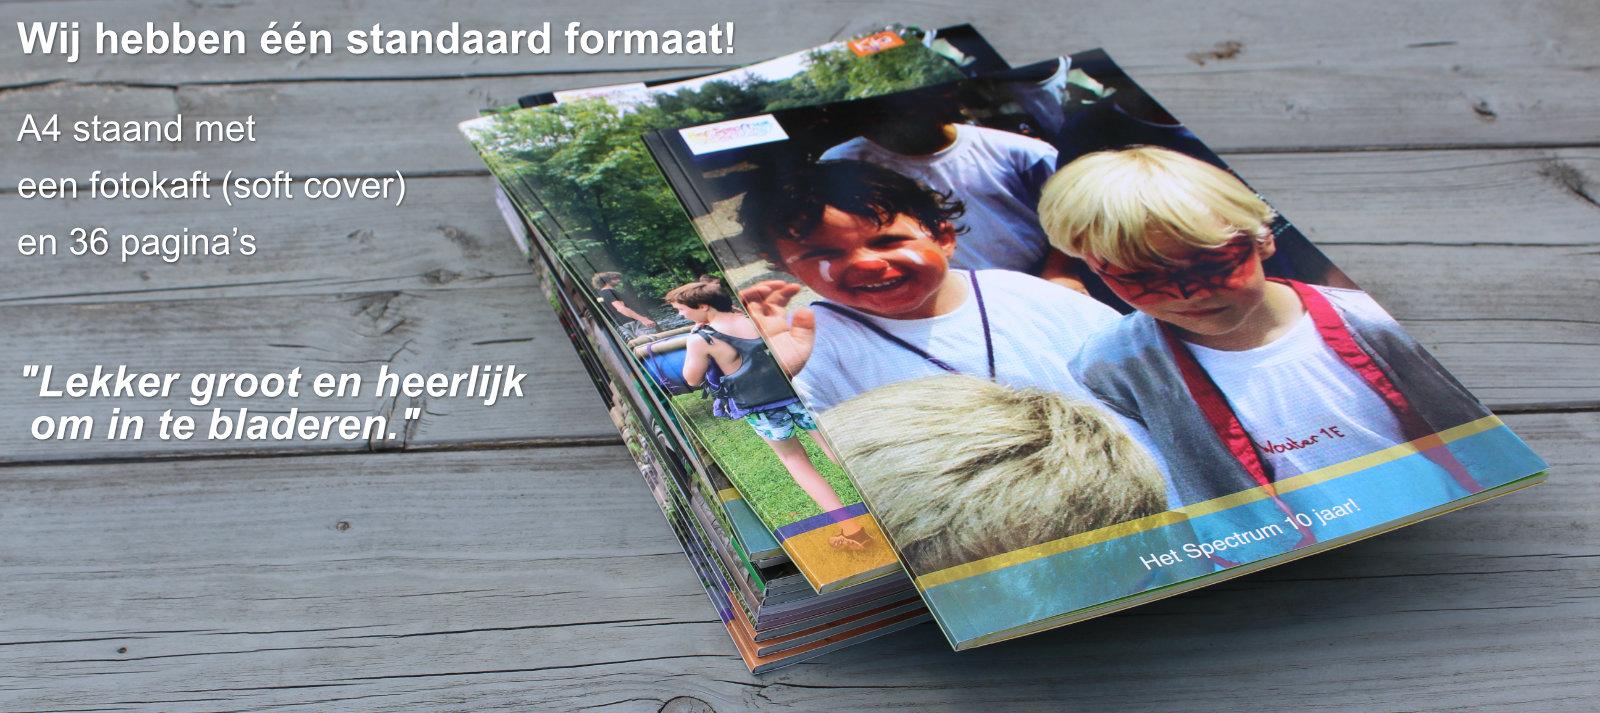 schoolfotoboeken